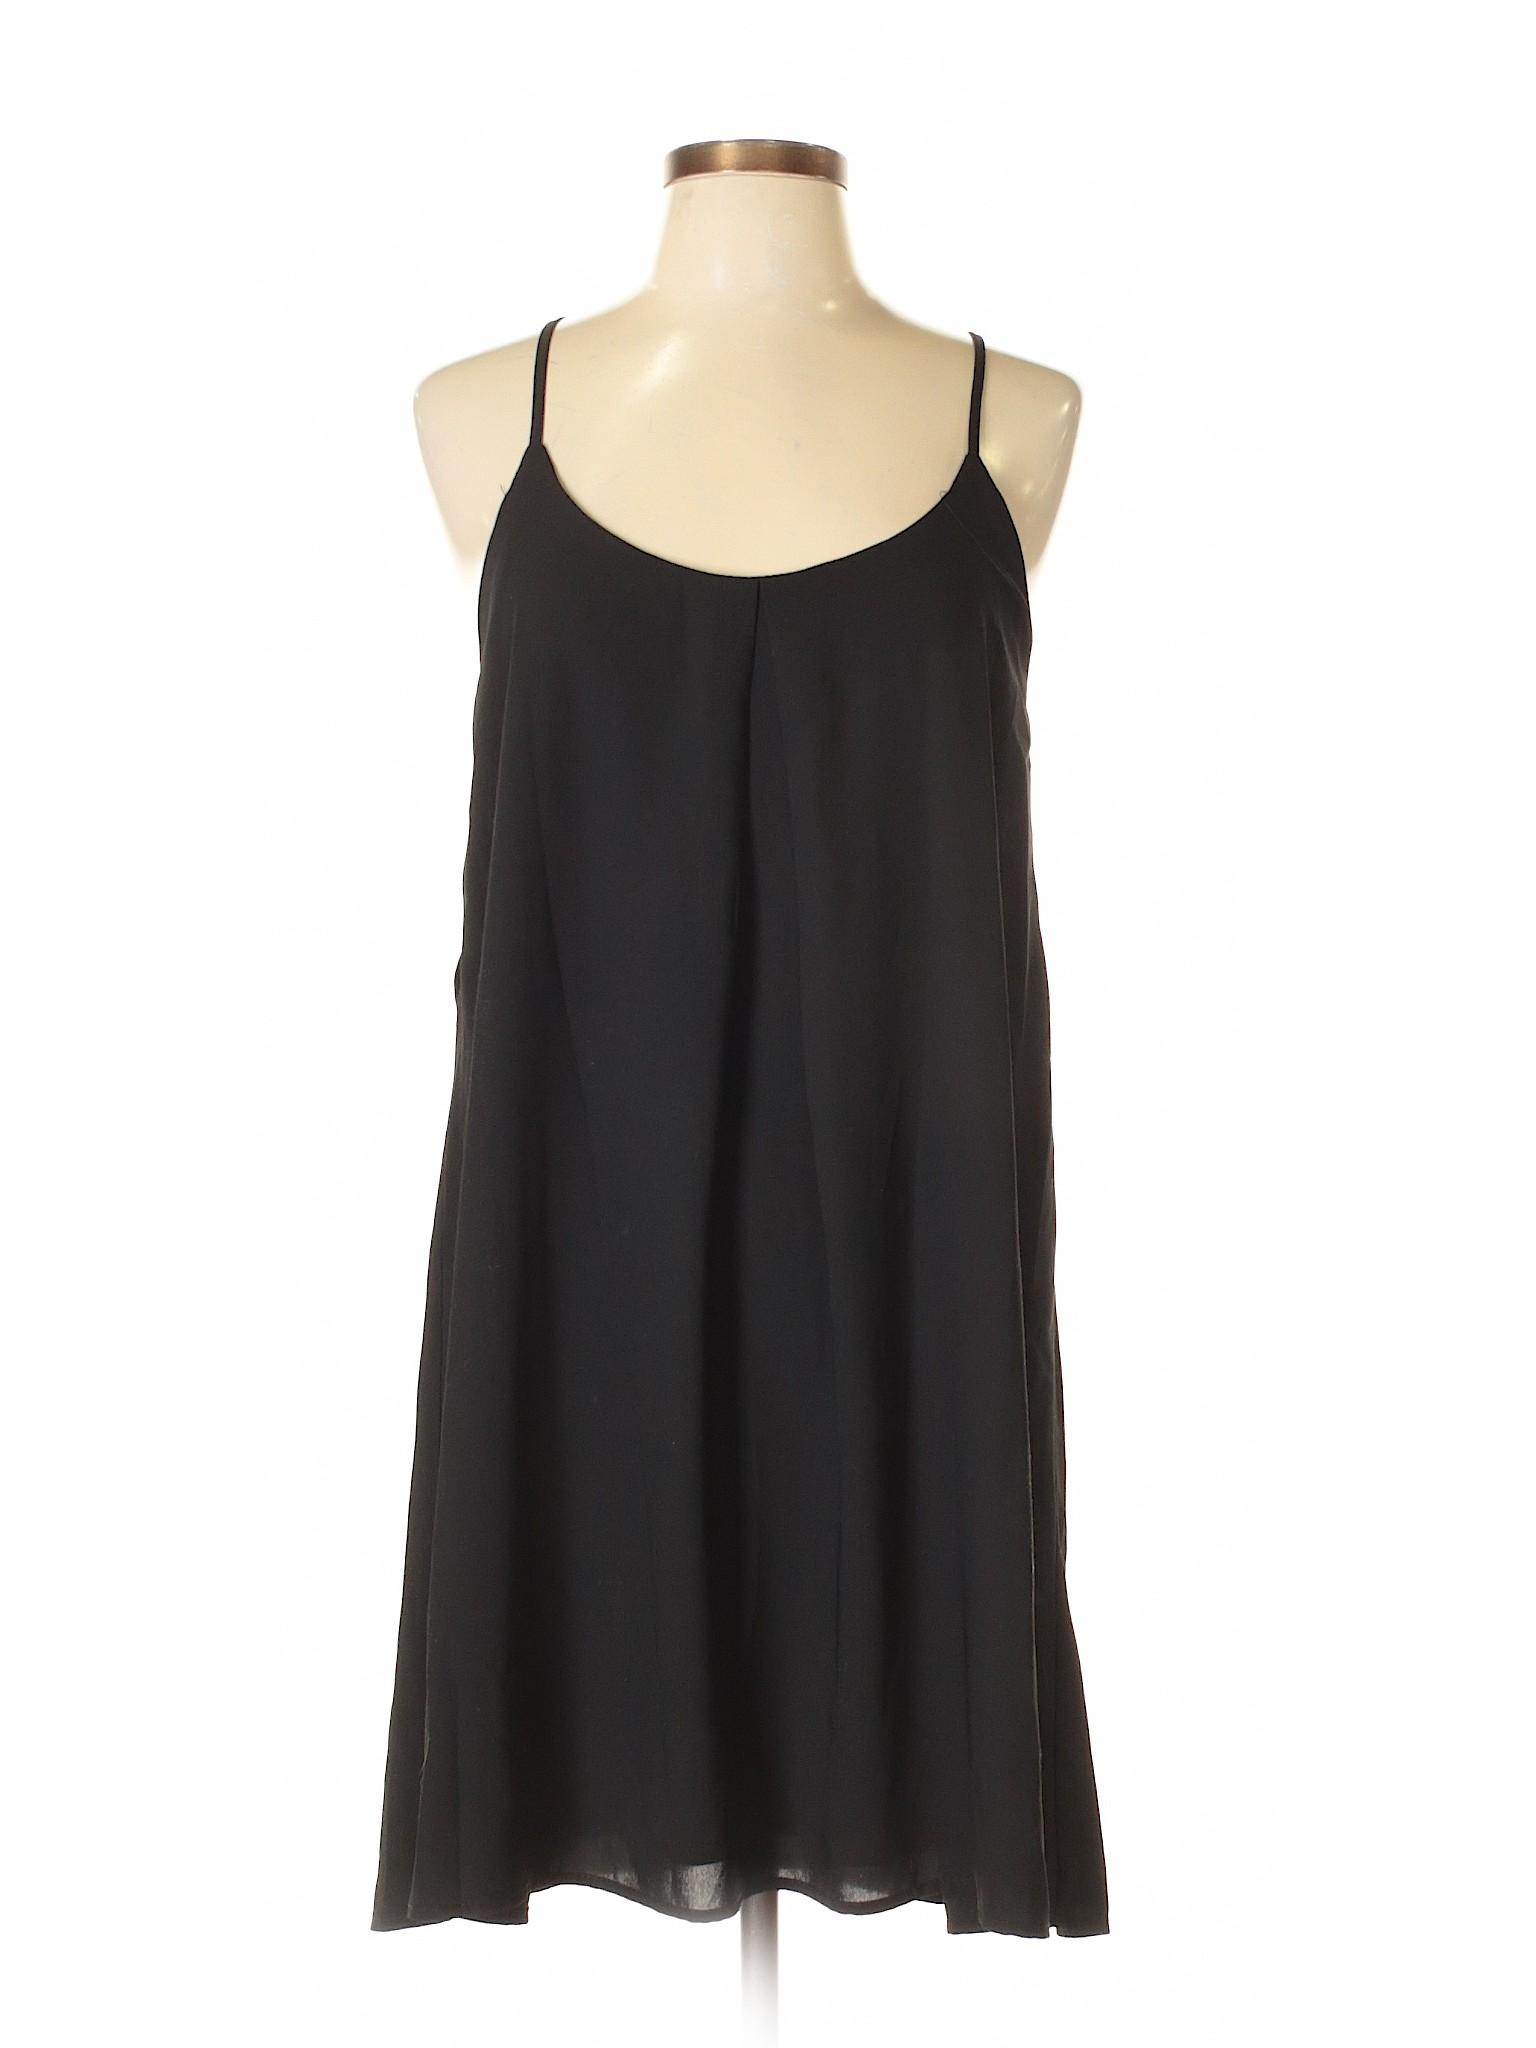 Dress Casual winter winter Boutique Boutique LoveRiche 8wxqpX4